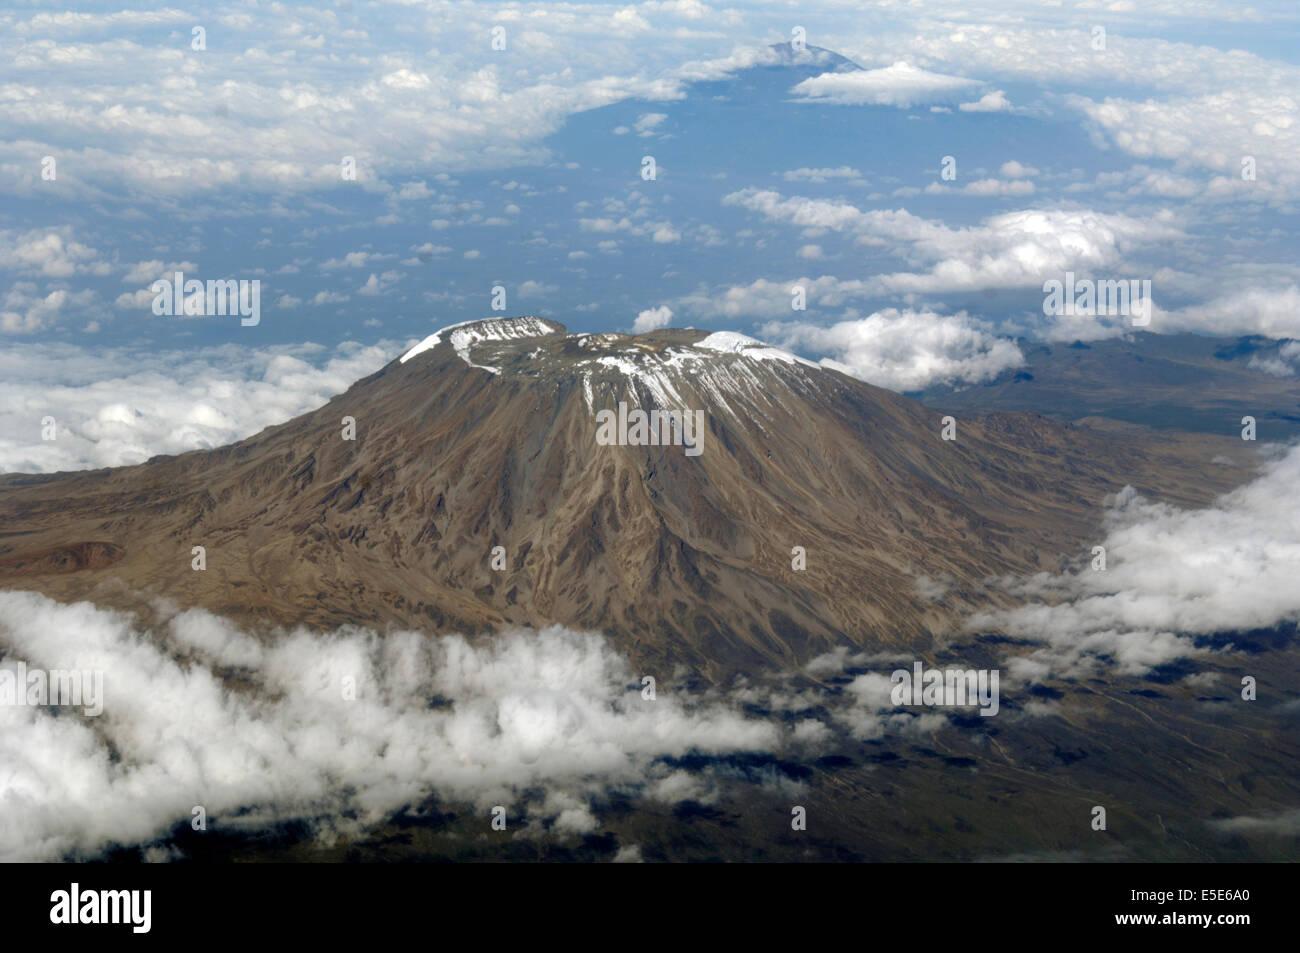 Aerial view of Mount Kilimanjaro Kenya/Tanzania, Africa. - Stock Image